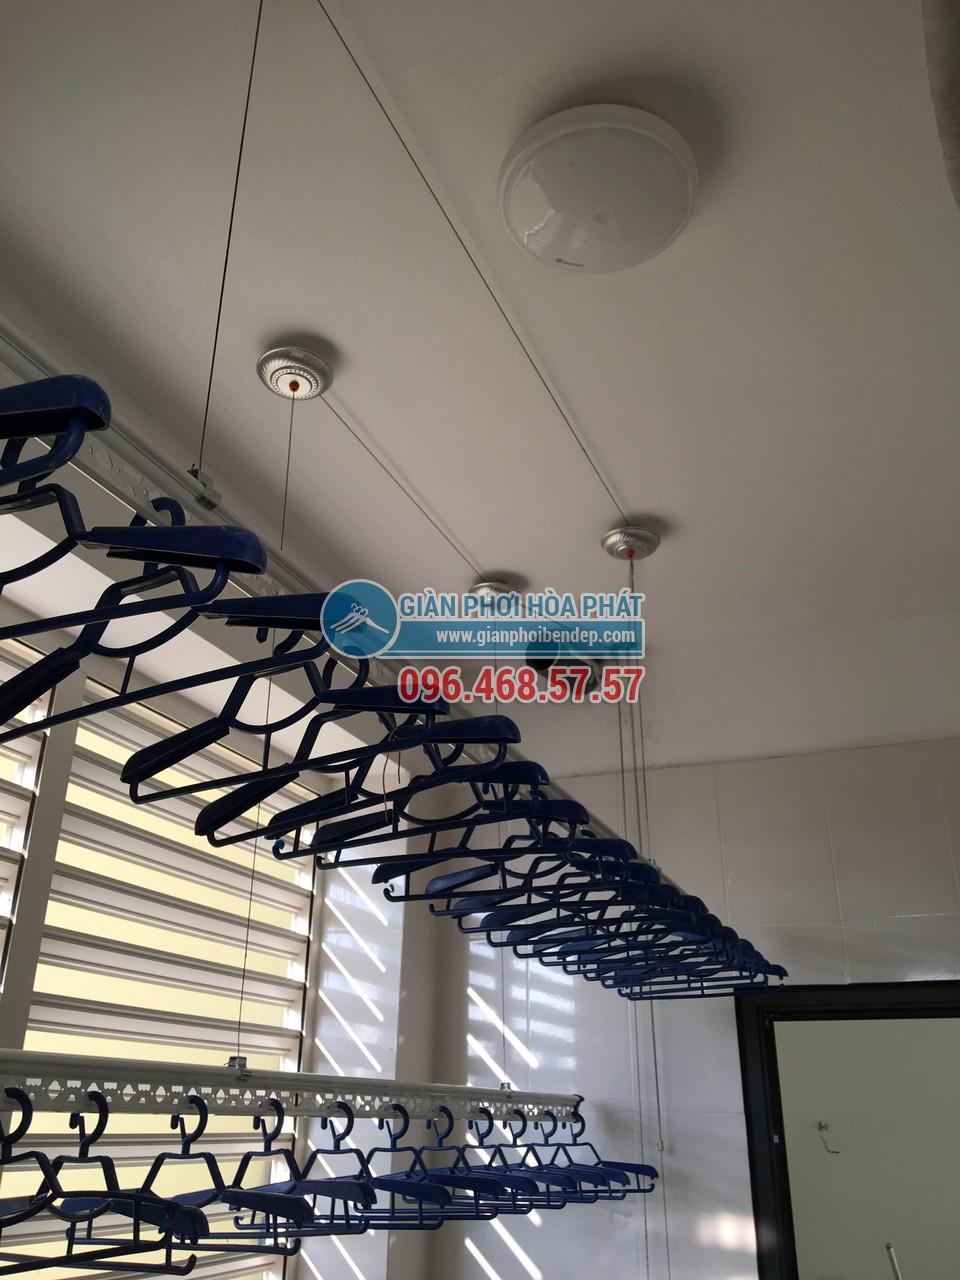 Thiết kế bộ ròng rọc của bộ giàn phơi thông minh Hòa Phát có tải trọng trên 60kg